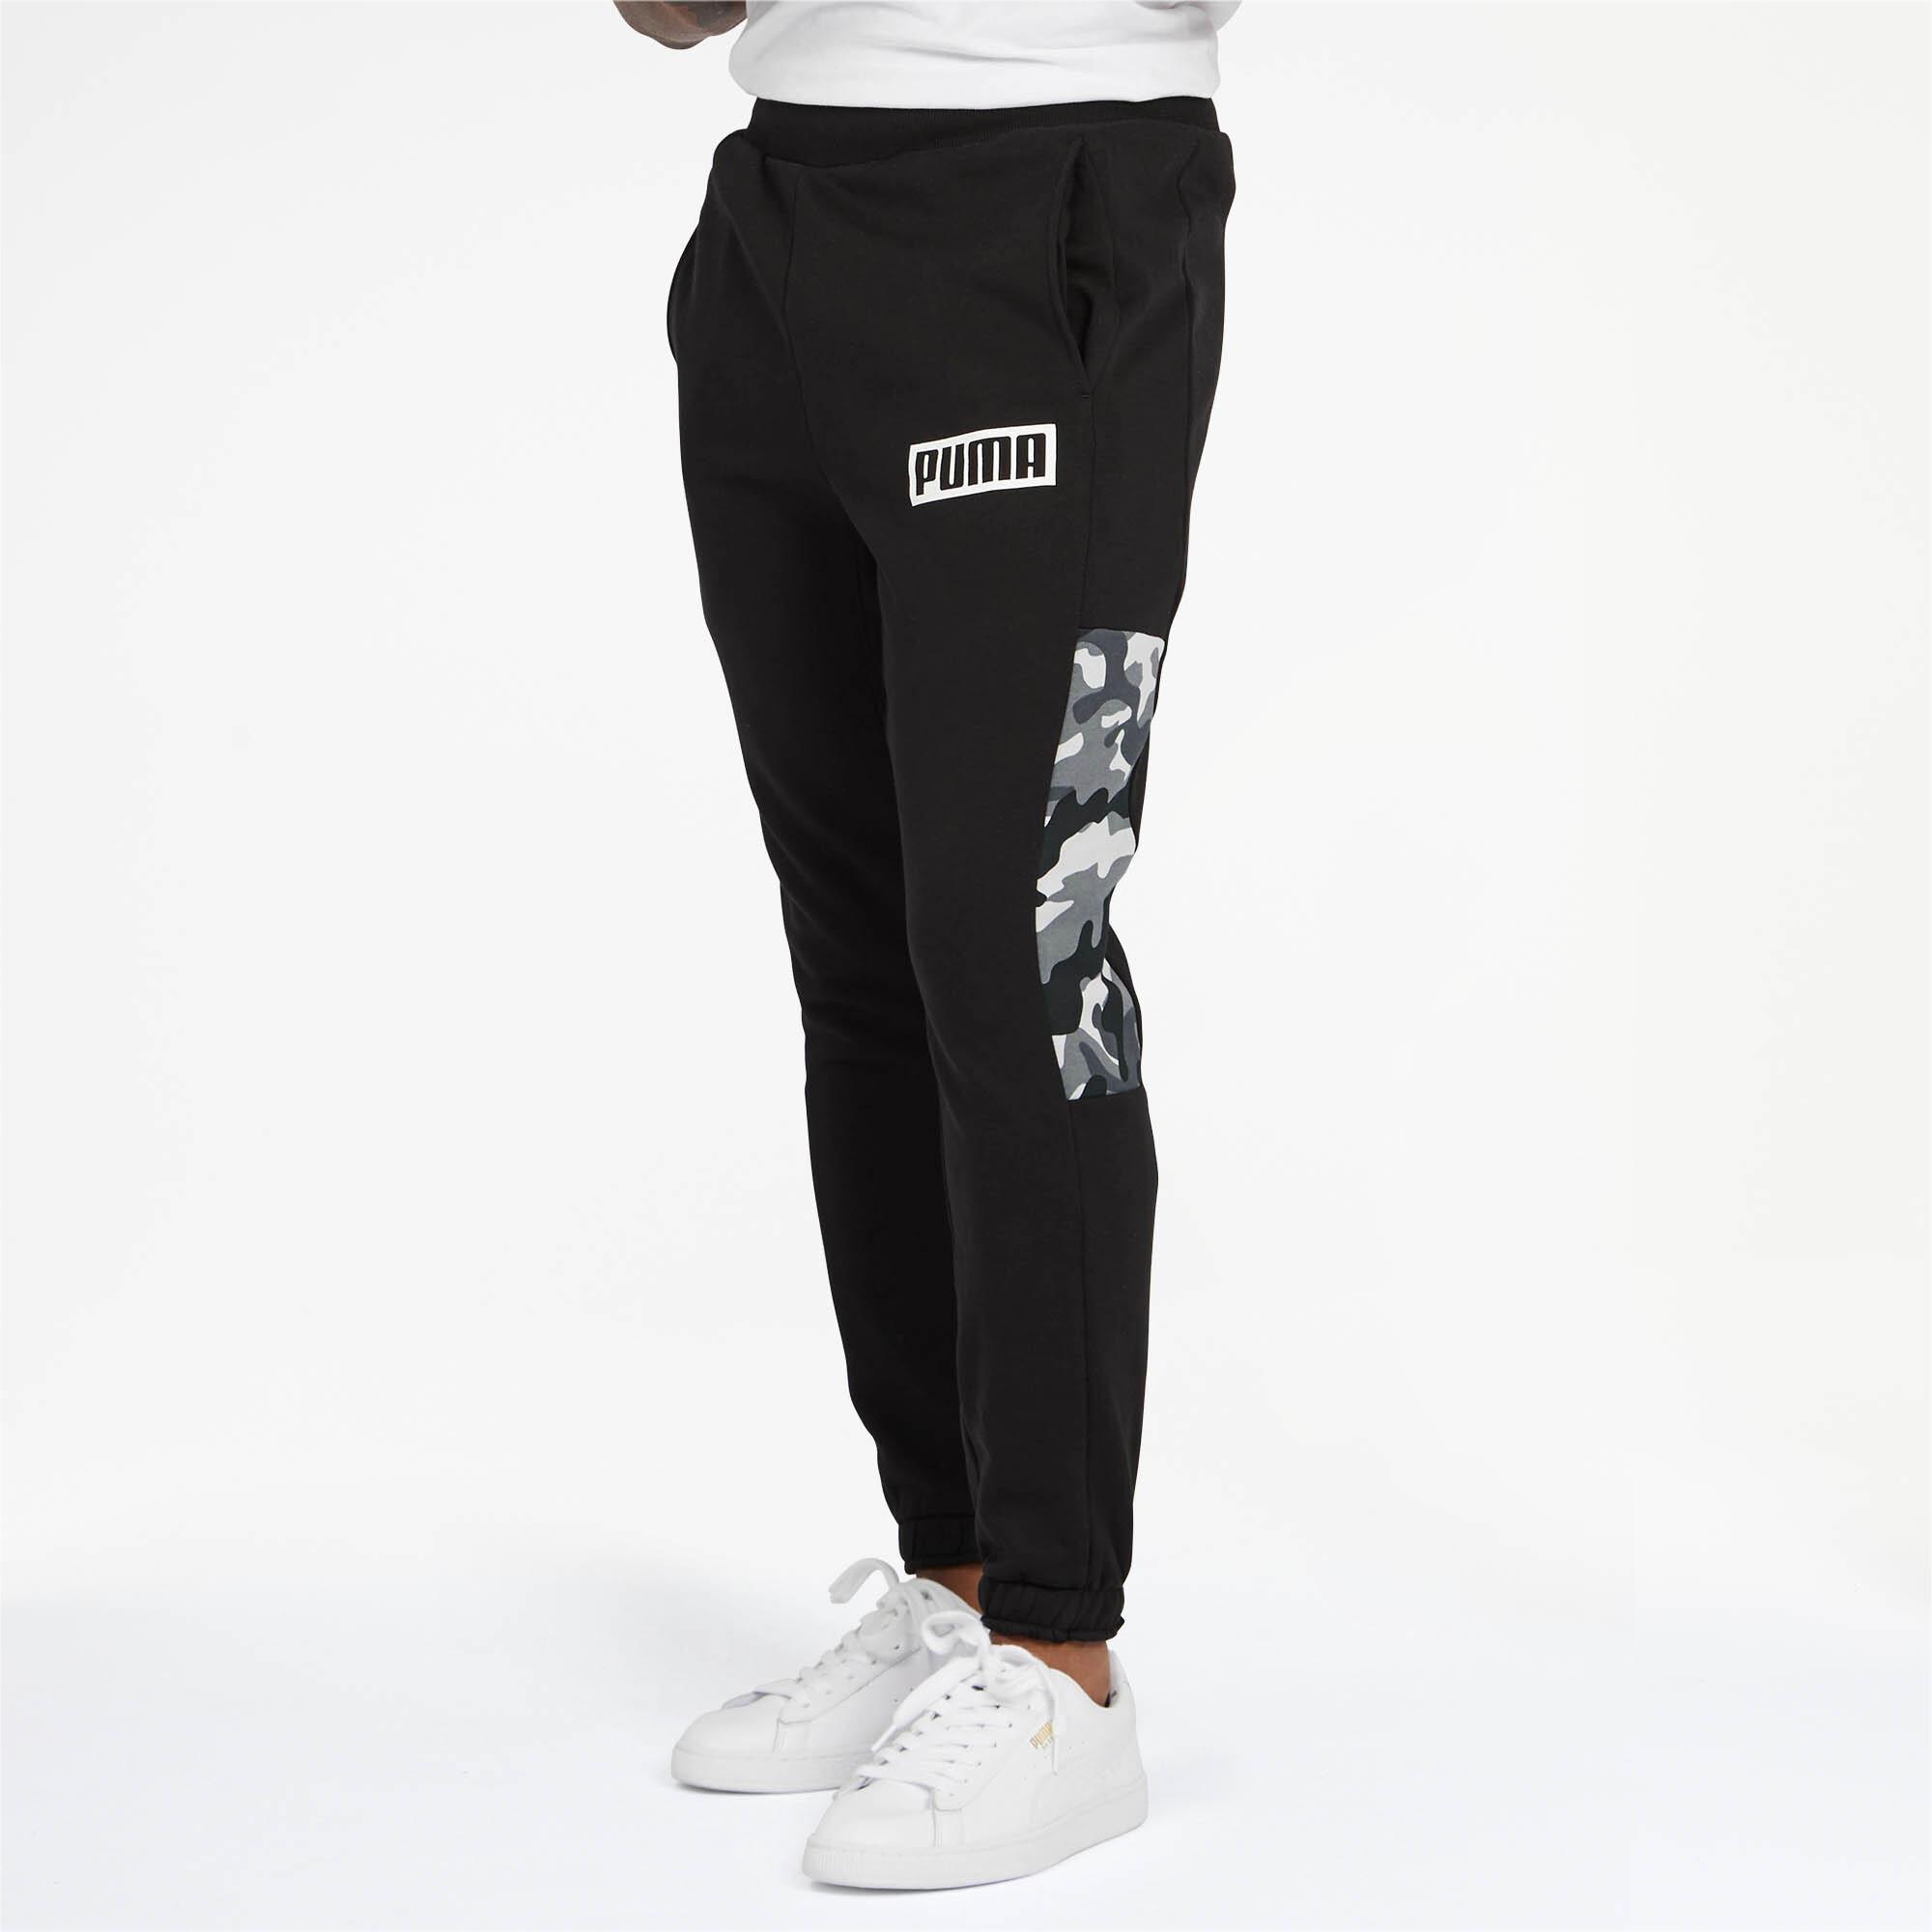 Puma-Pantalones-De-Hombre-Camuflaje-rebelde-hombre-de-punto-pantalones-Basics miniatura 3